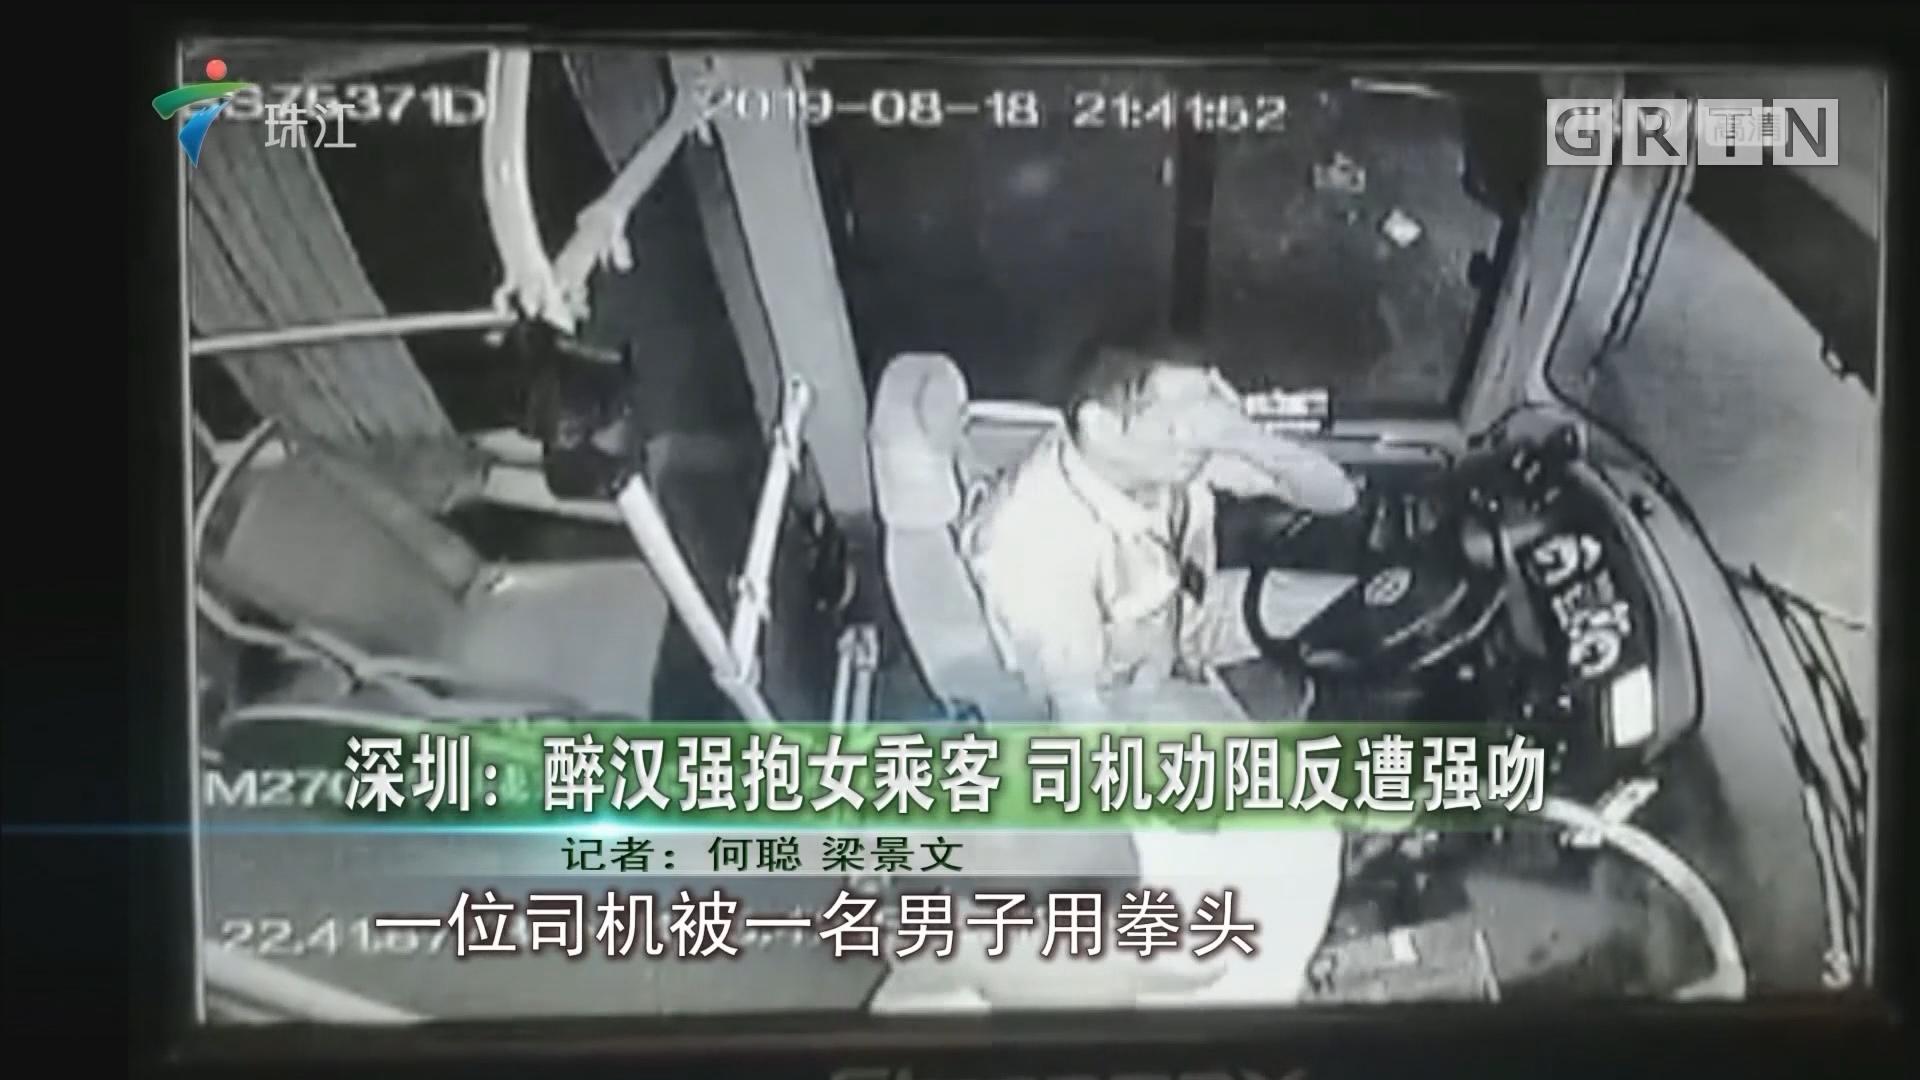 深圳:醉汉强抱女乘客 司机劝阻反遭强吻